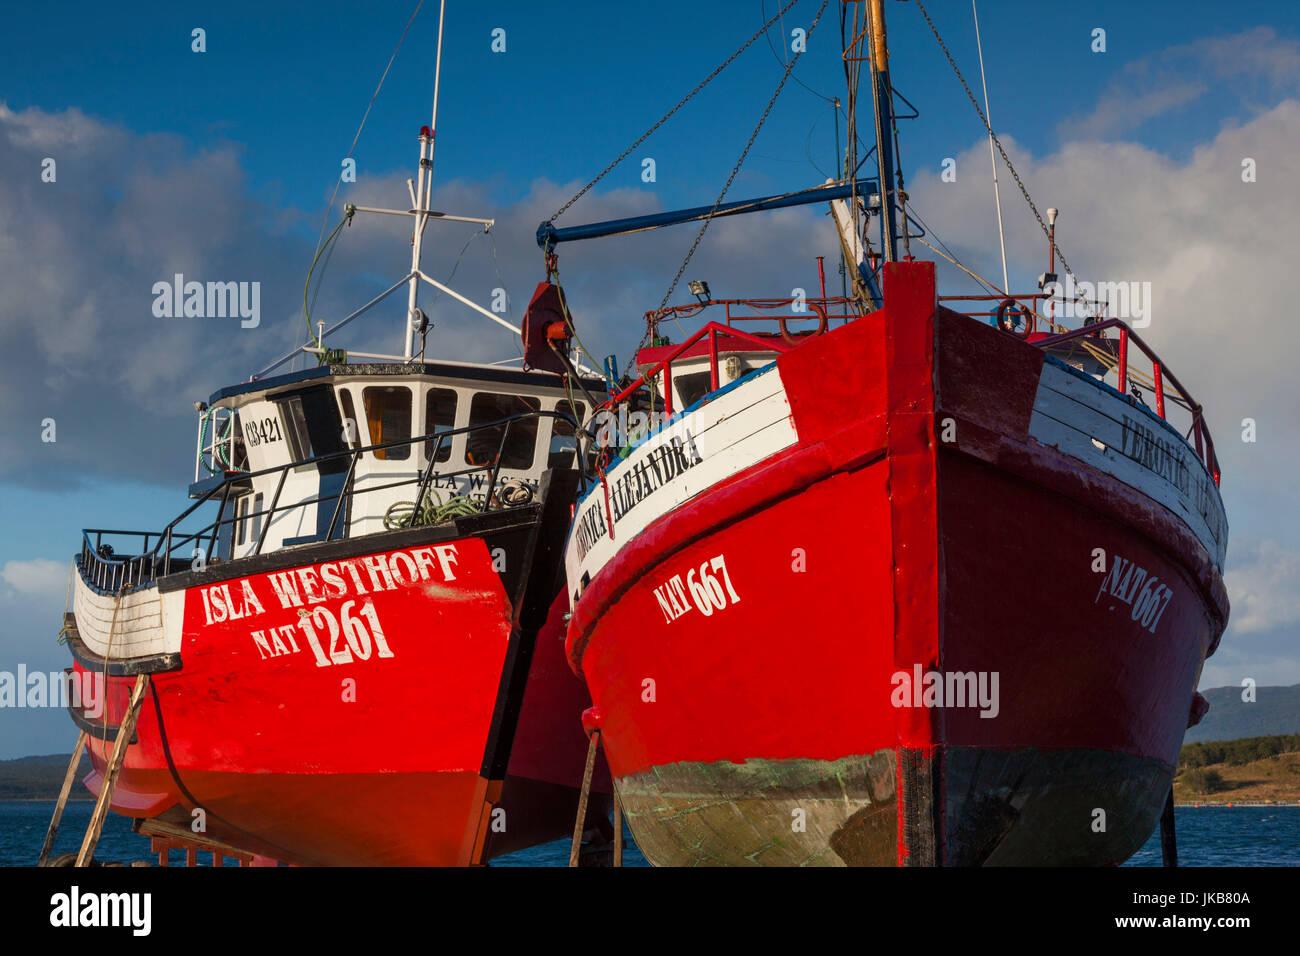 Chile, Región de Magallanes, Puerto Natales, Seno Ultima Esperanza bay, barcos de pesca Imagen De Stock